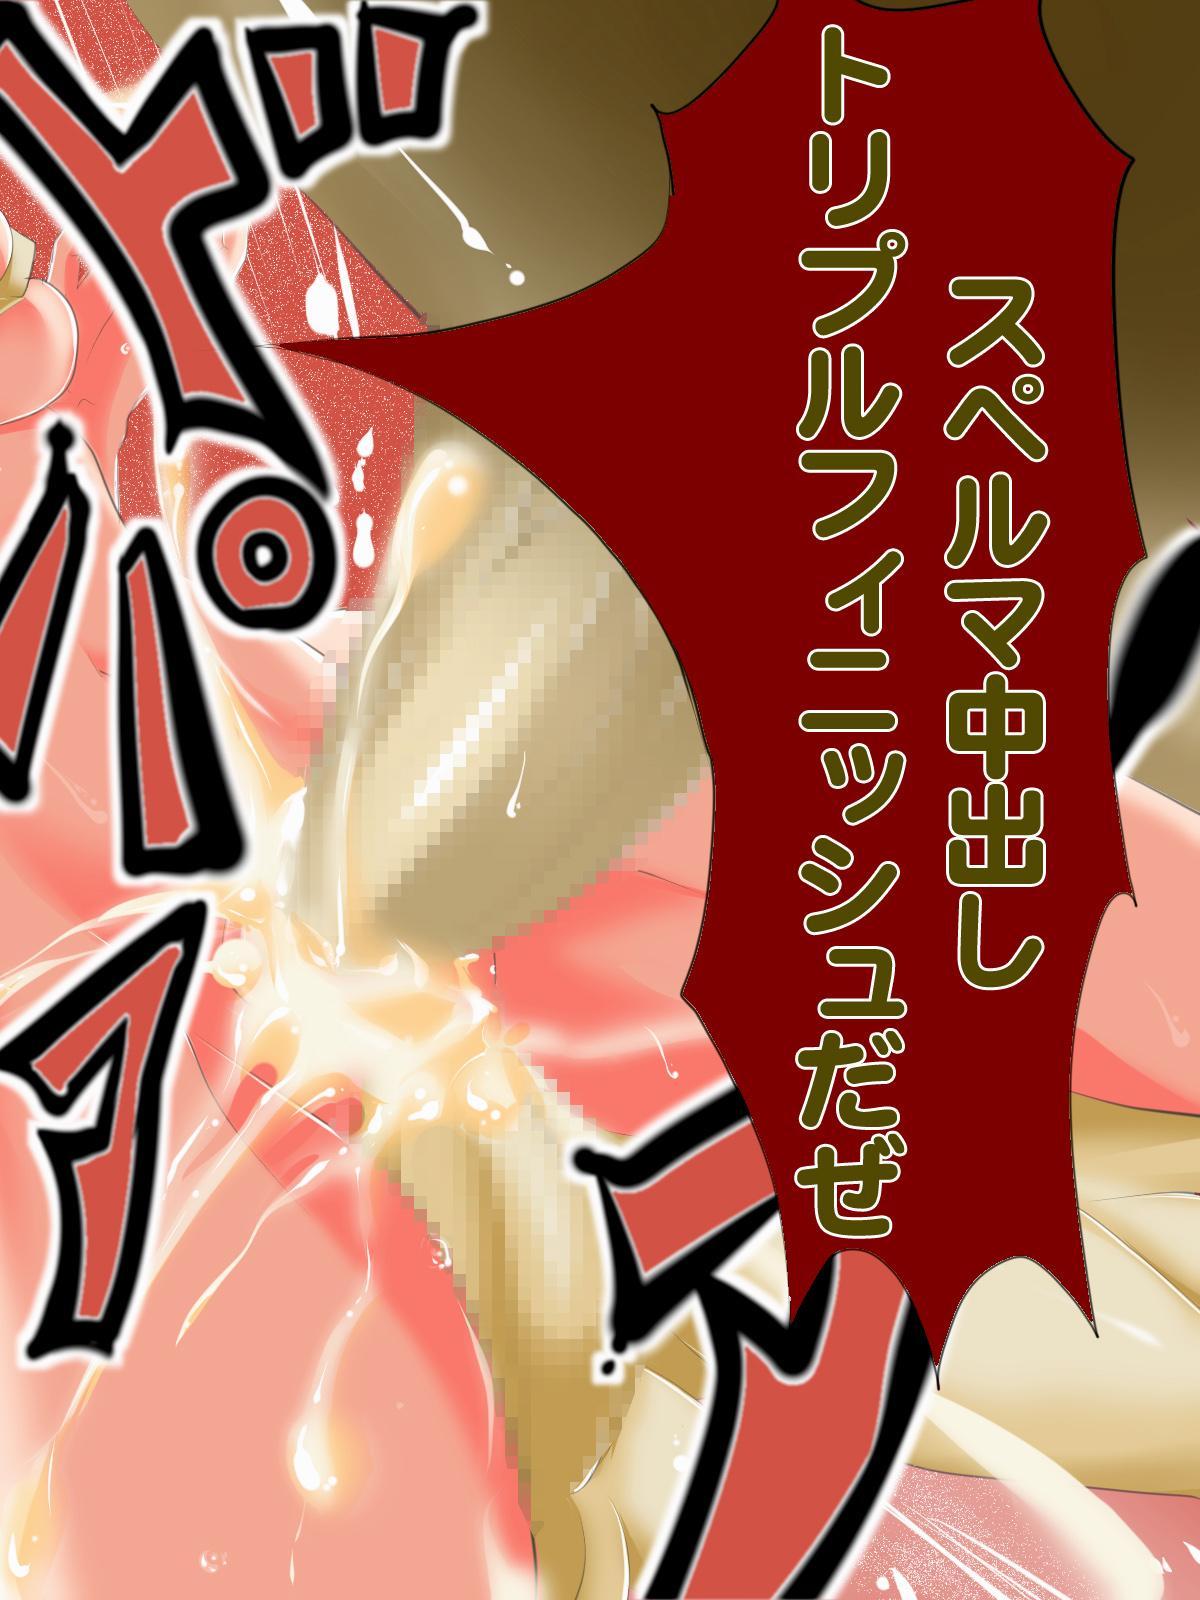 Yatto no Omoi de Tsukiatta Kanojo ga, Ore no Miteiru Mae de, Furyou Domo 3 Nin ni Zenbu no Ana wo Ryoujoku Sarechau Netorare! 19